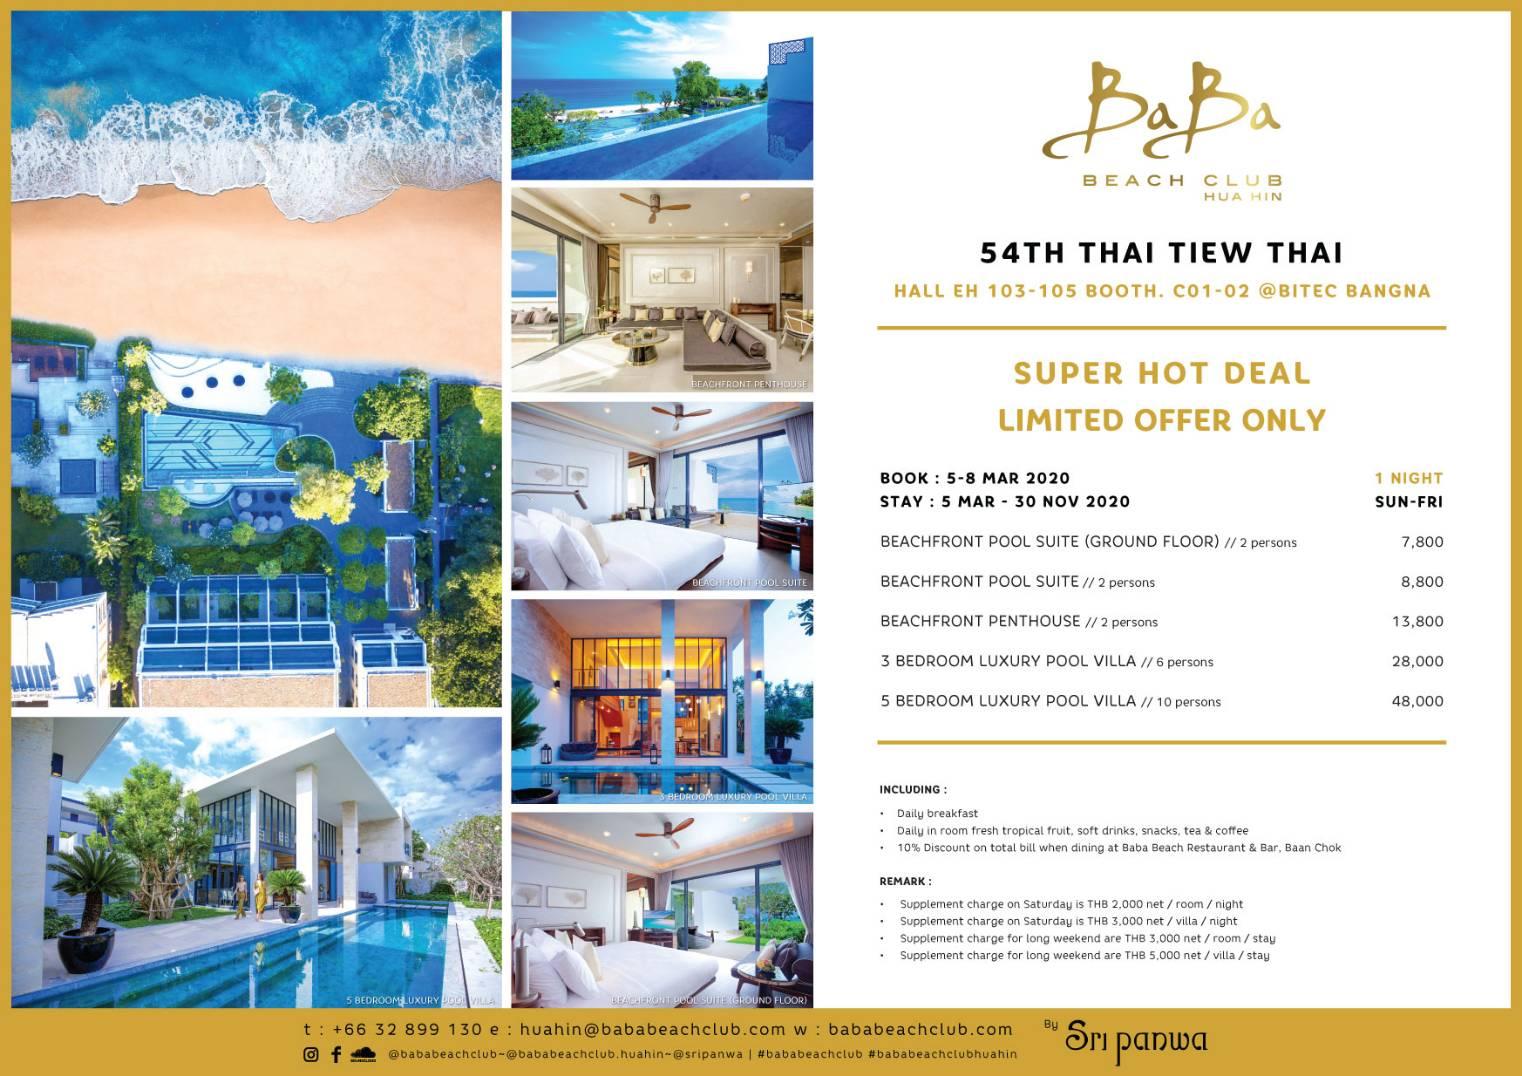 thai-tiew-thai-54-baba-beach-club-huahin-thailand-brochure